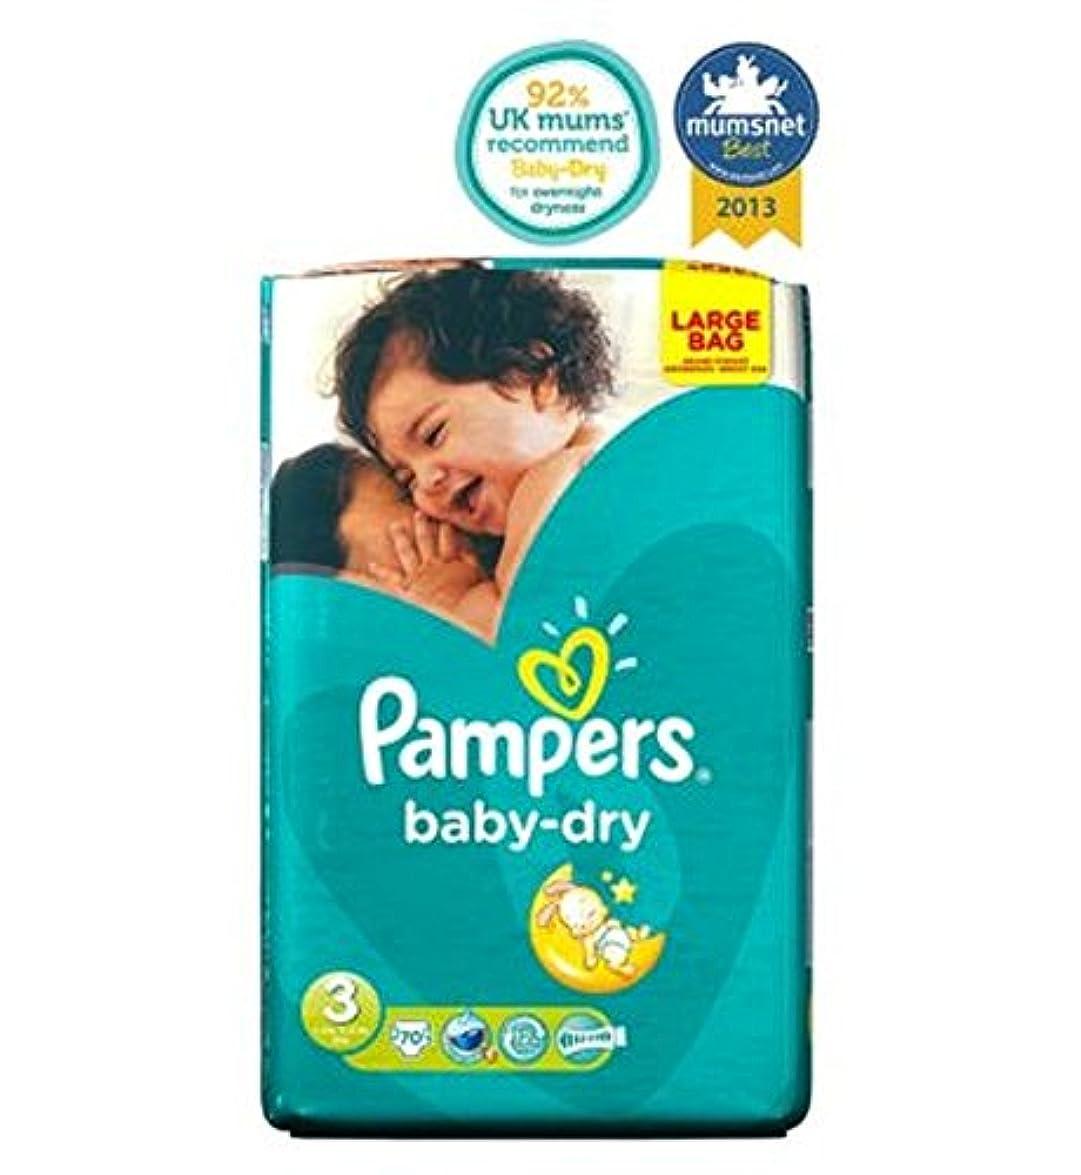 バットトーナメント出くわすPampers Baby-Dry Nappies Size 3 Large Ba70 Nappies - パンパースベビードライおむつサイズ3大Ba70おむつ (Pampers) [並行輸入品]